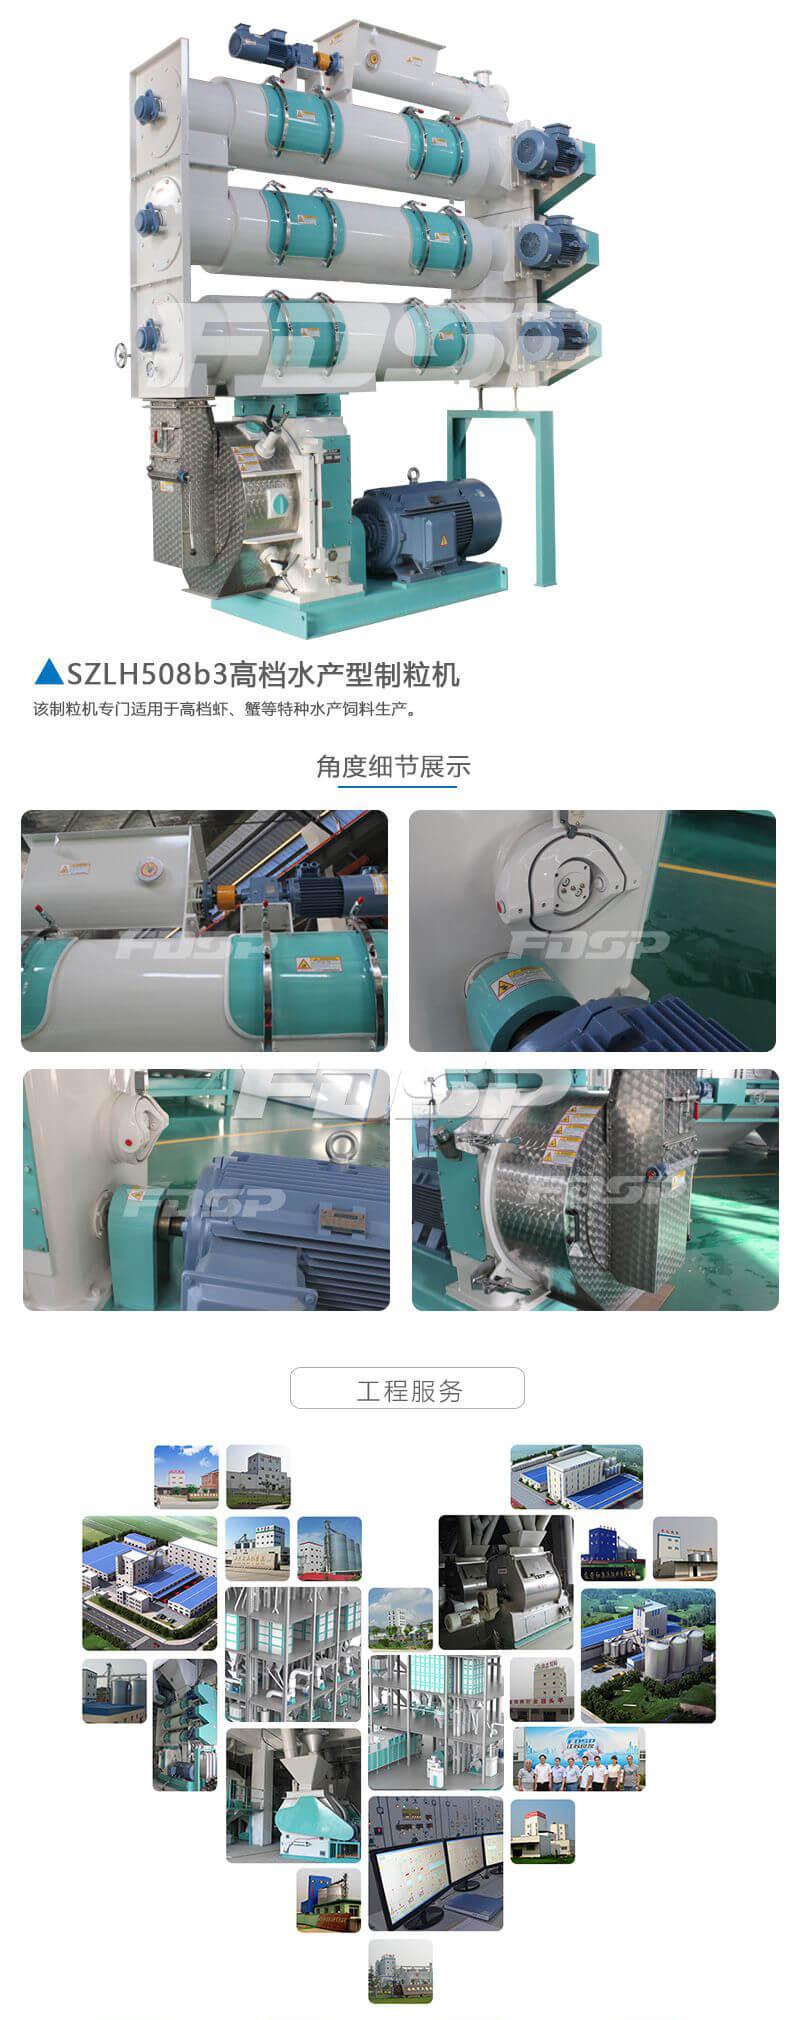 饲料机械SZLH508b3系列高档水产养殖颗粒机